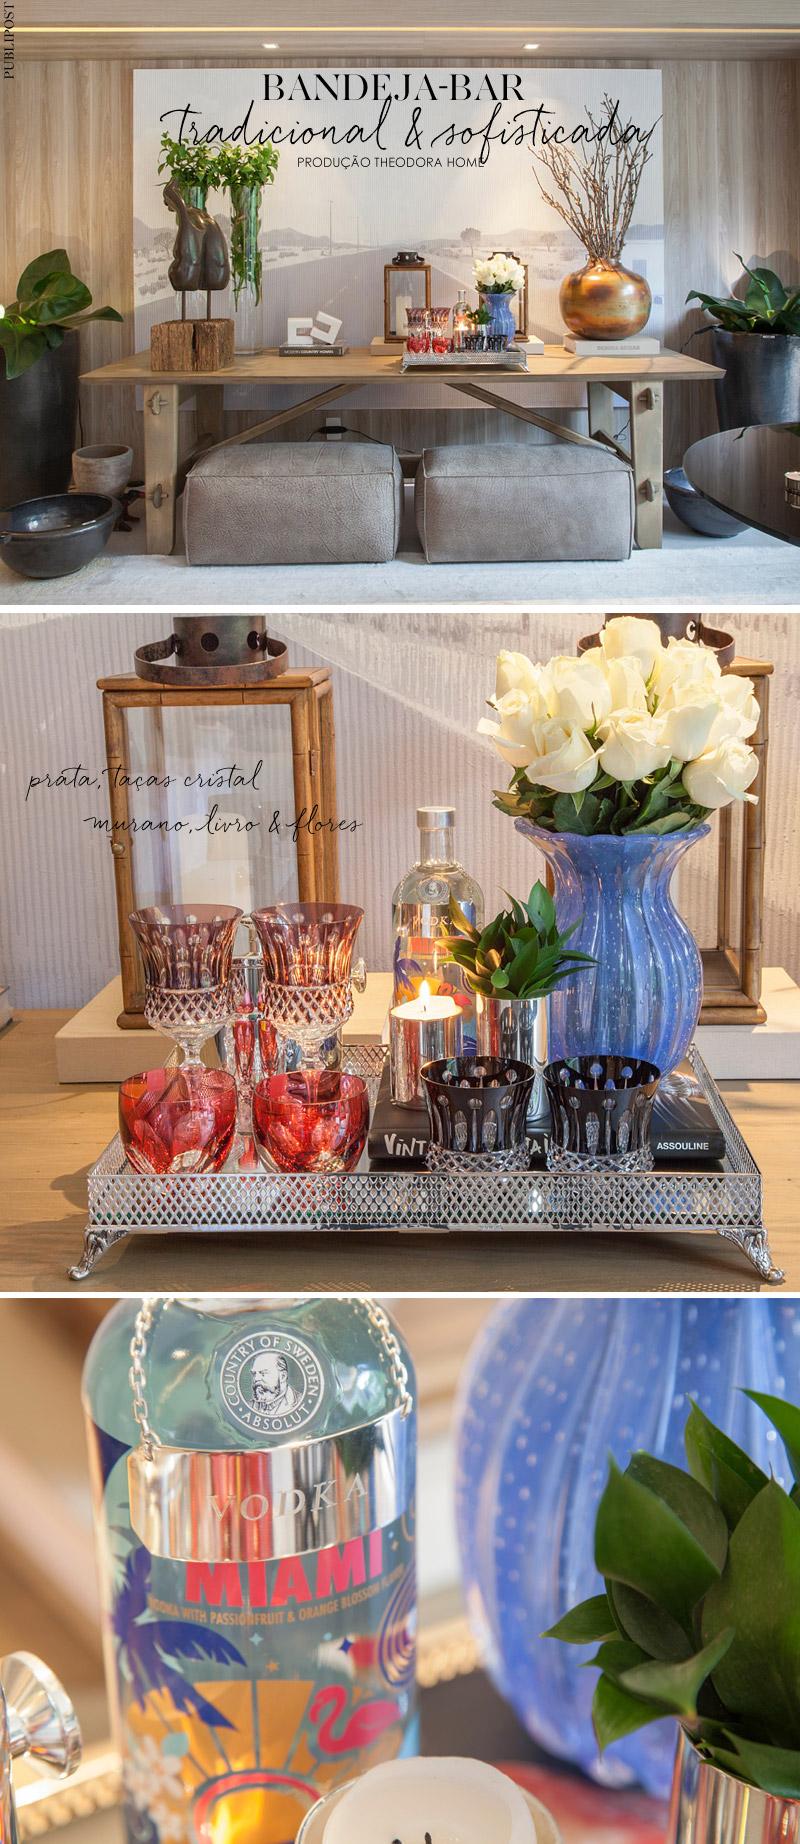 Como produzir uma bandeja bar, por Theodora Home Living Gazette -> Decoração De Home Bar